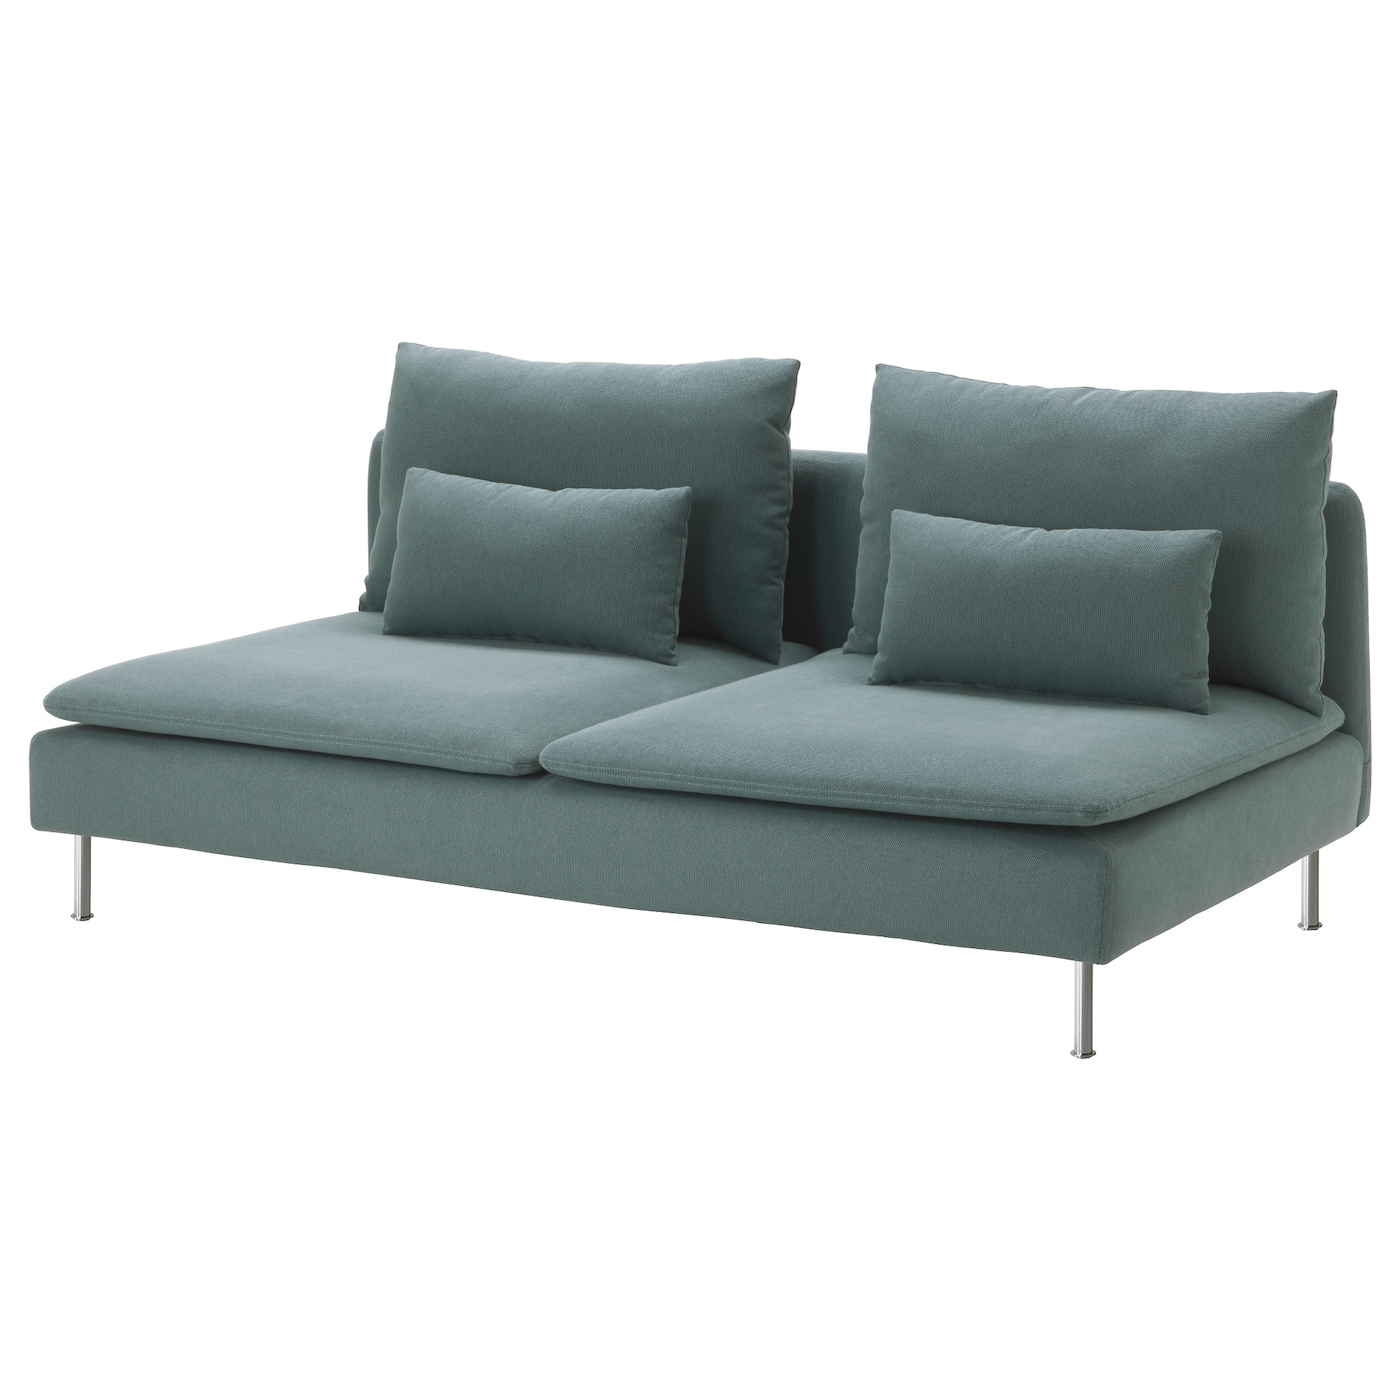 Sofa der Serie Söderhamn von Ikea